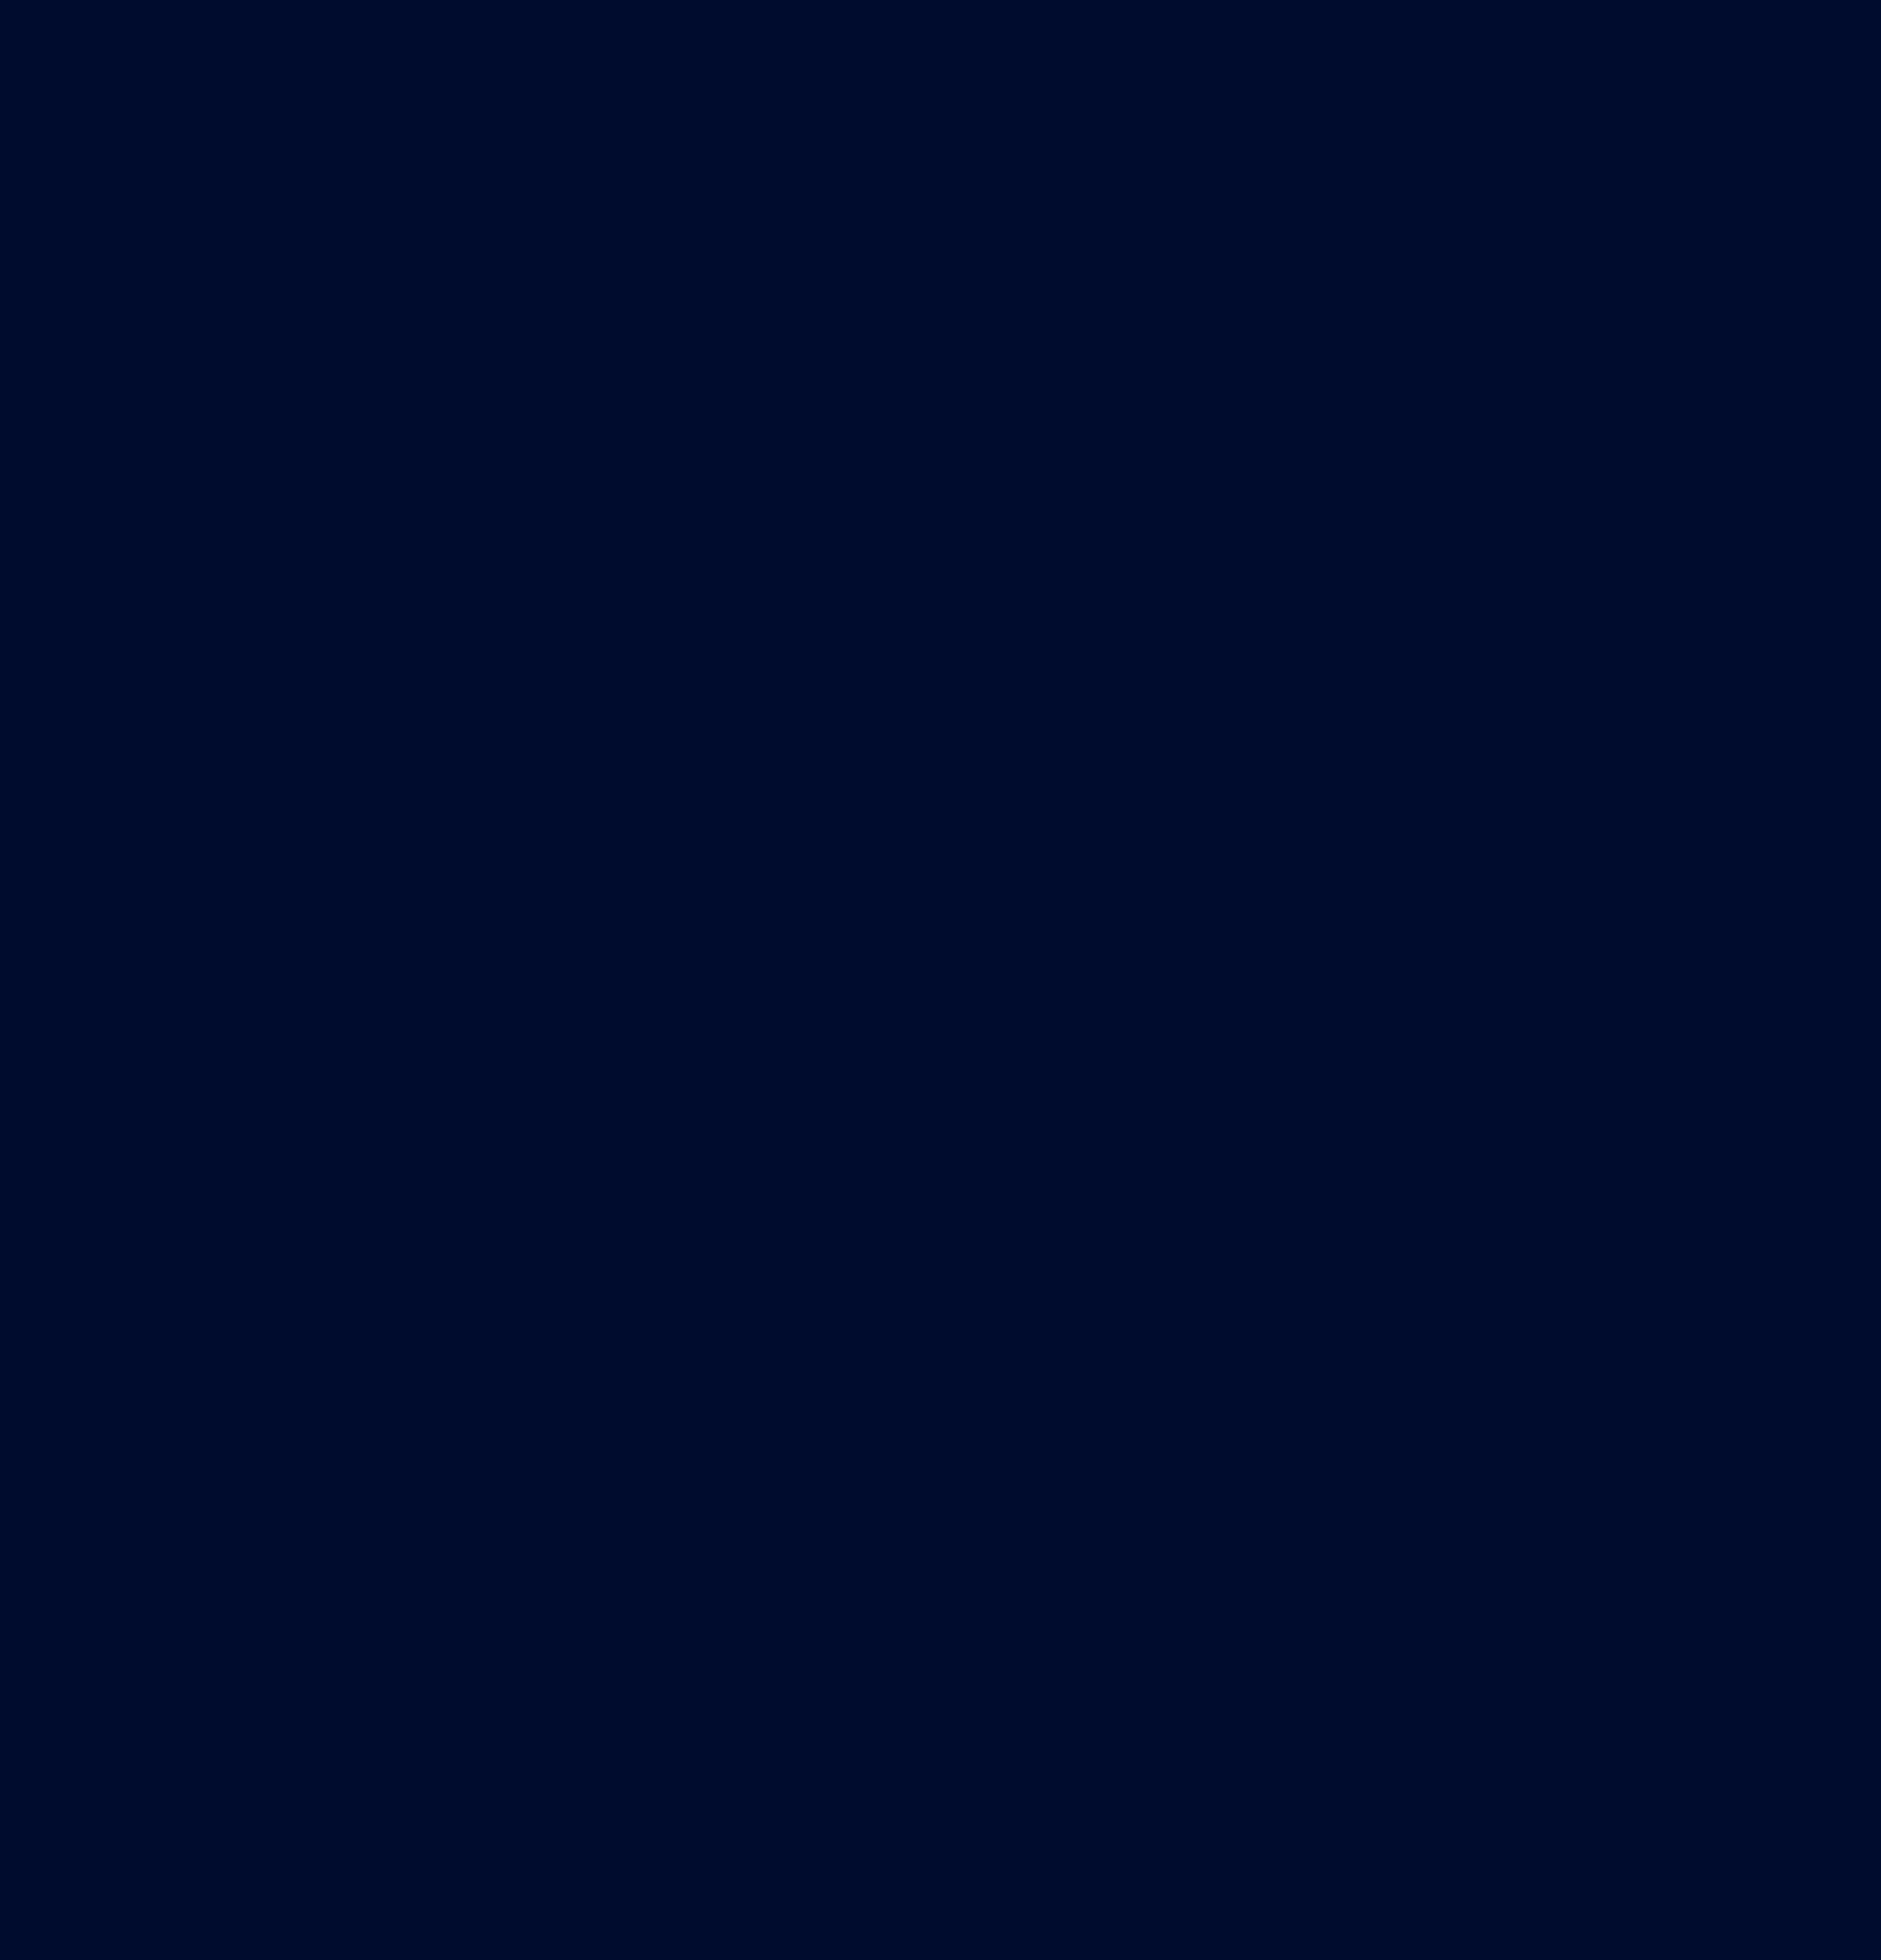 kbh_kommune_logo